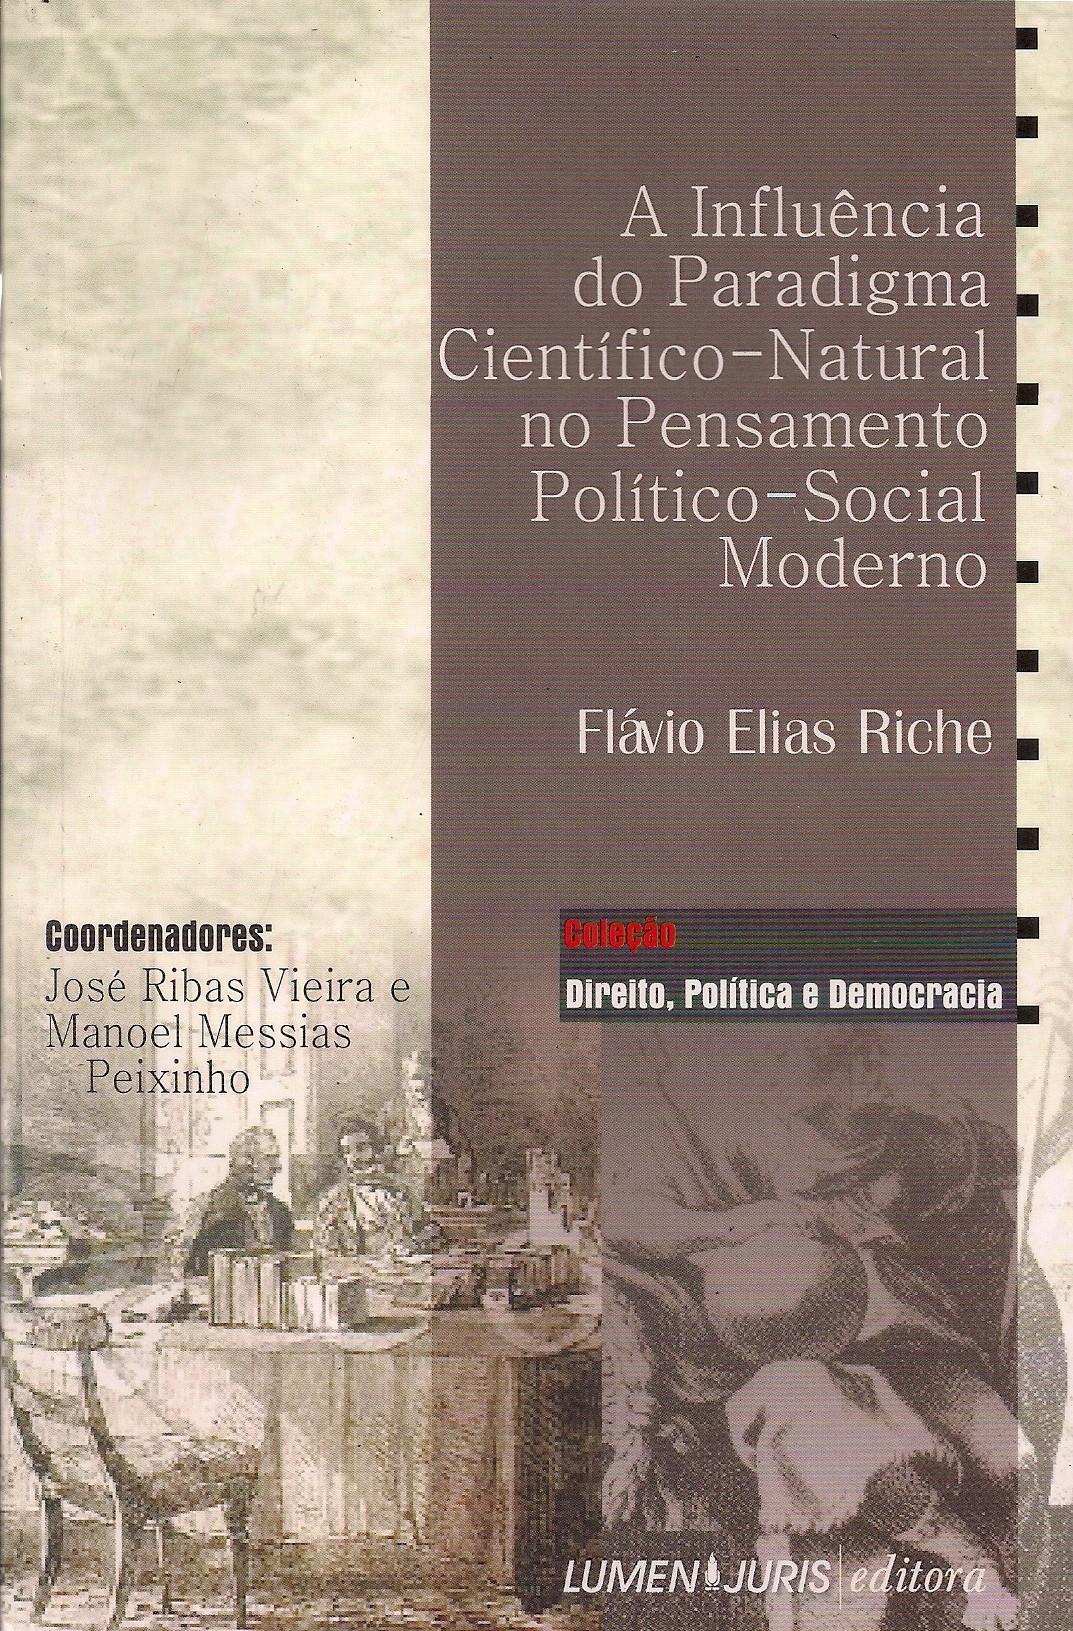 Foto 1 - A Influência do Paradigma Científico-Natural no Pensamento Político-Social Moderno